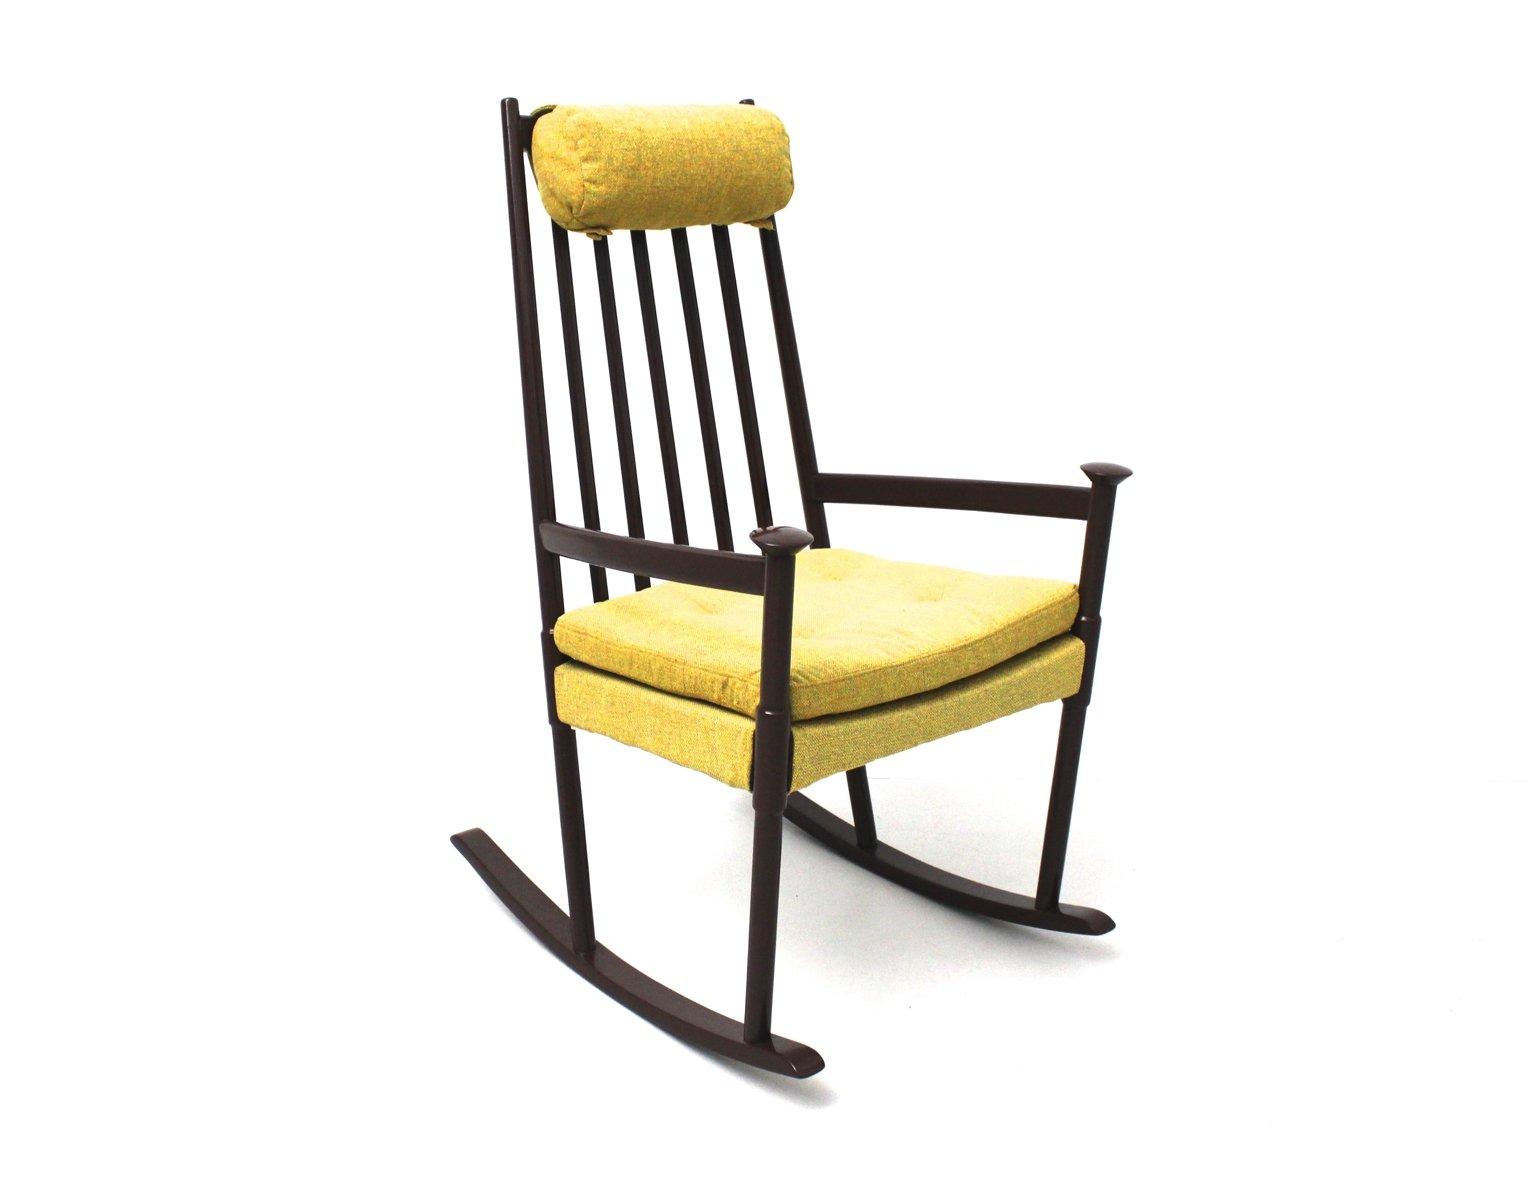 Sedia design anni 60 sedia poltrona reguitti anni 60 for Sedia design anni 40